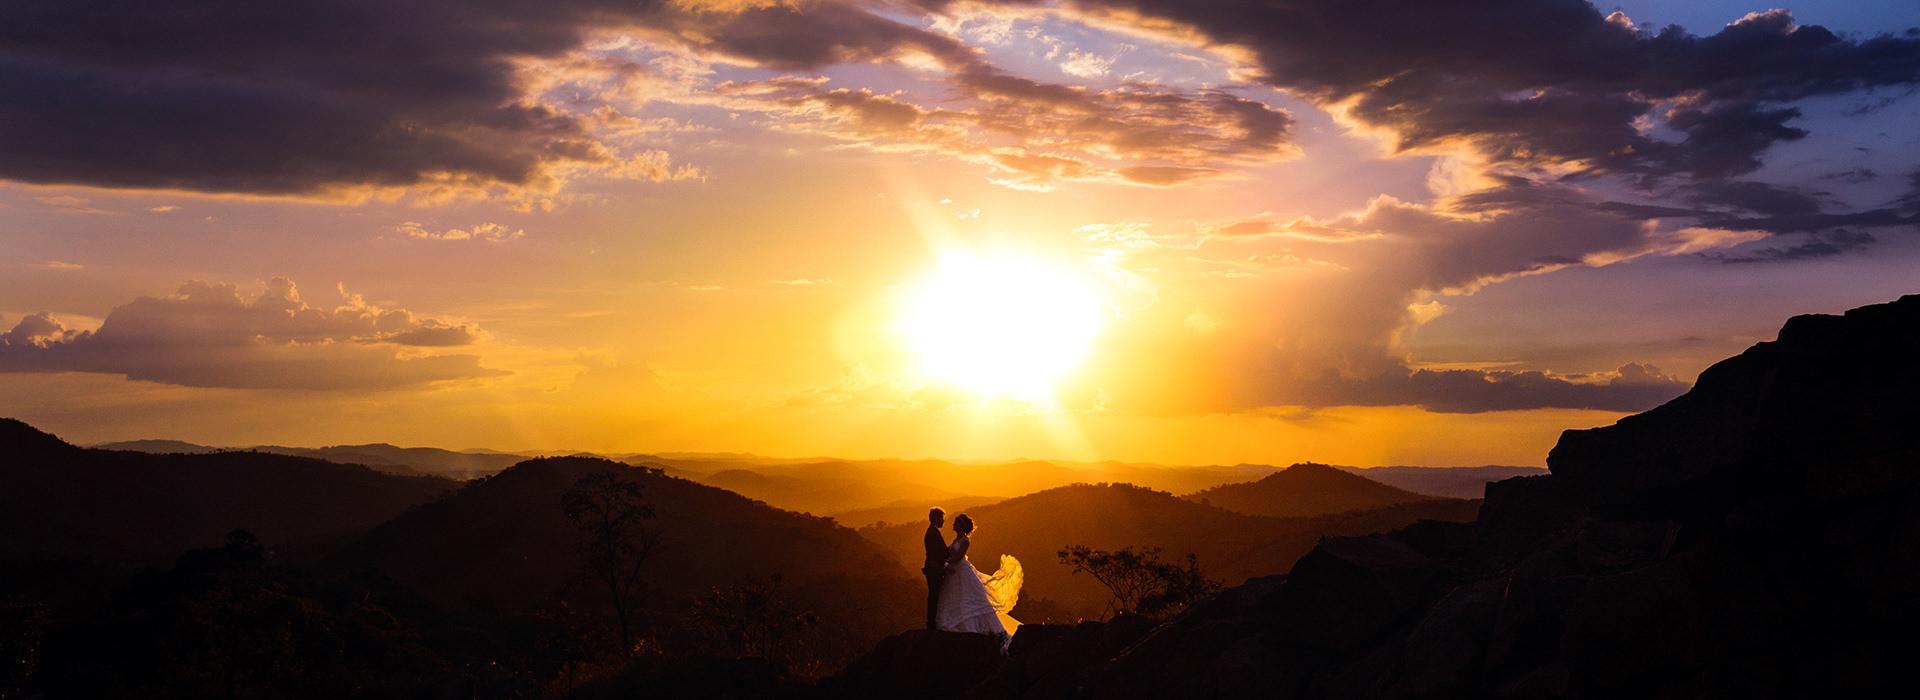 fotógrafa de casamento europa